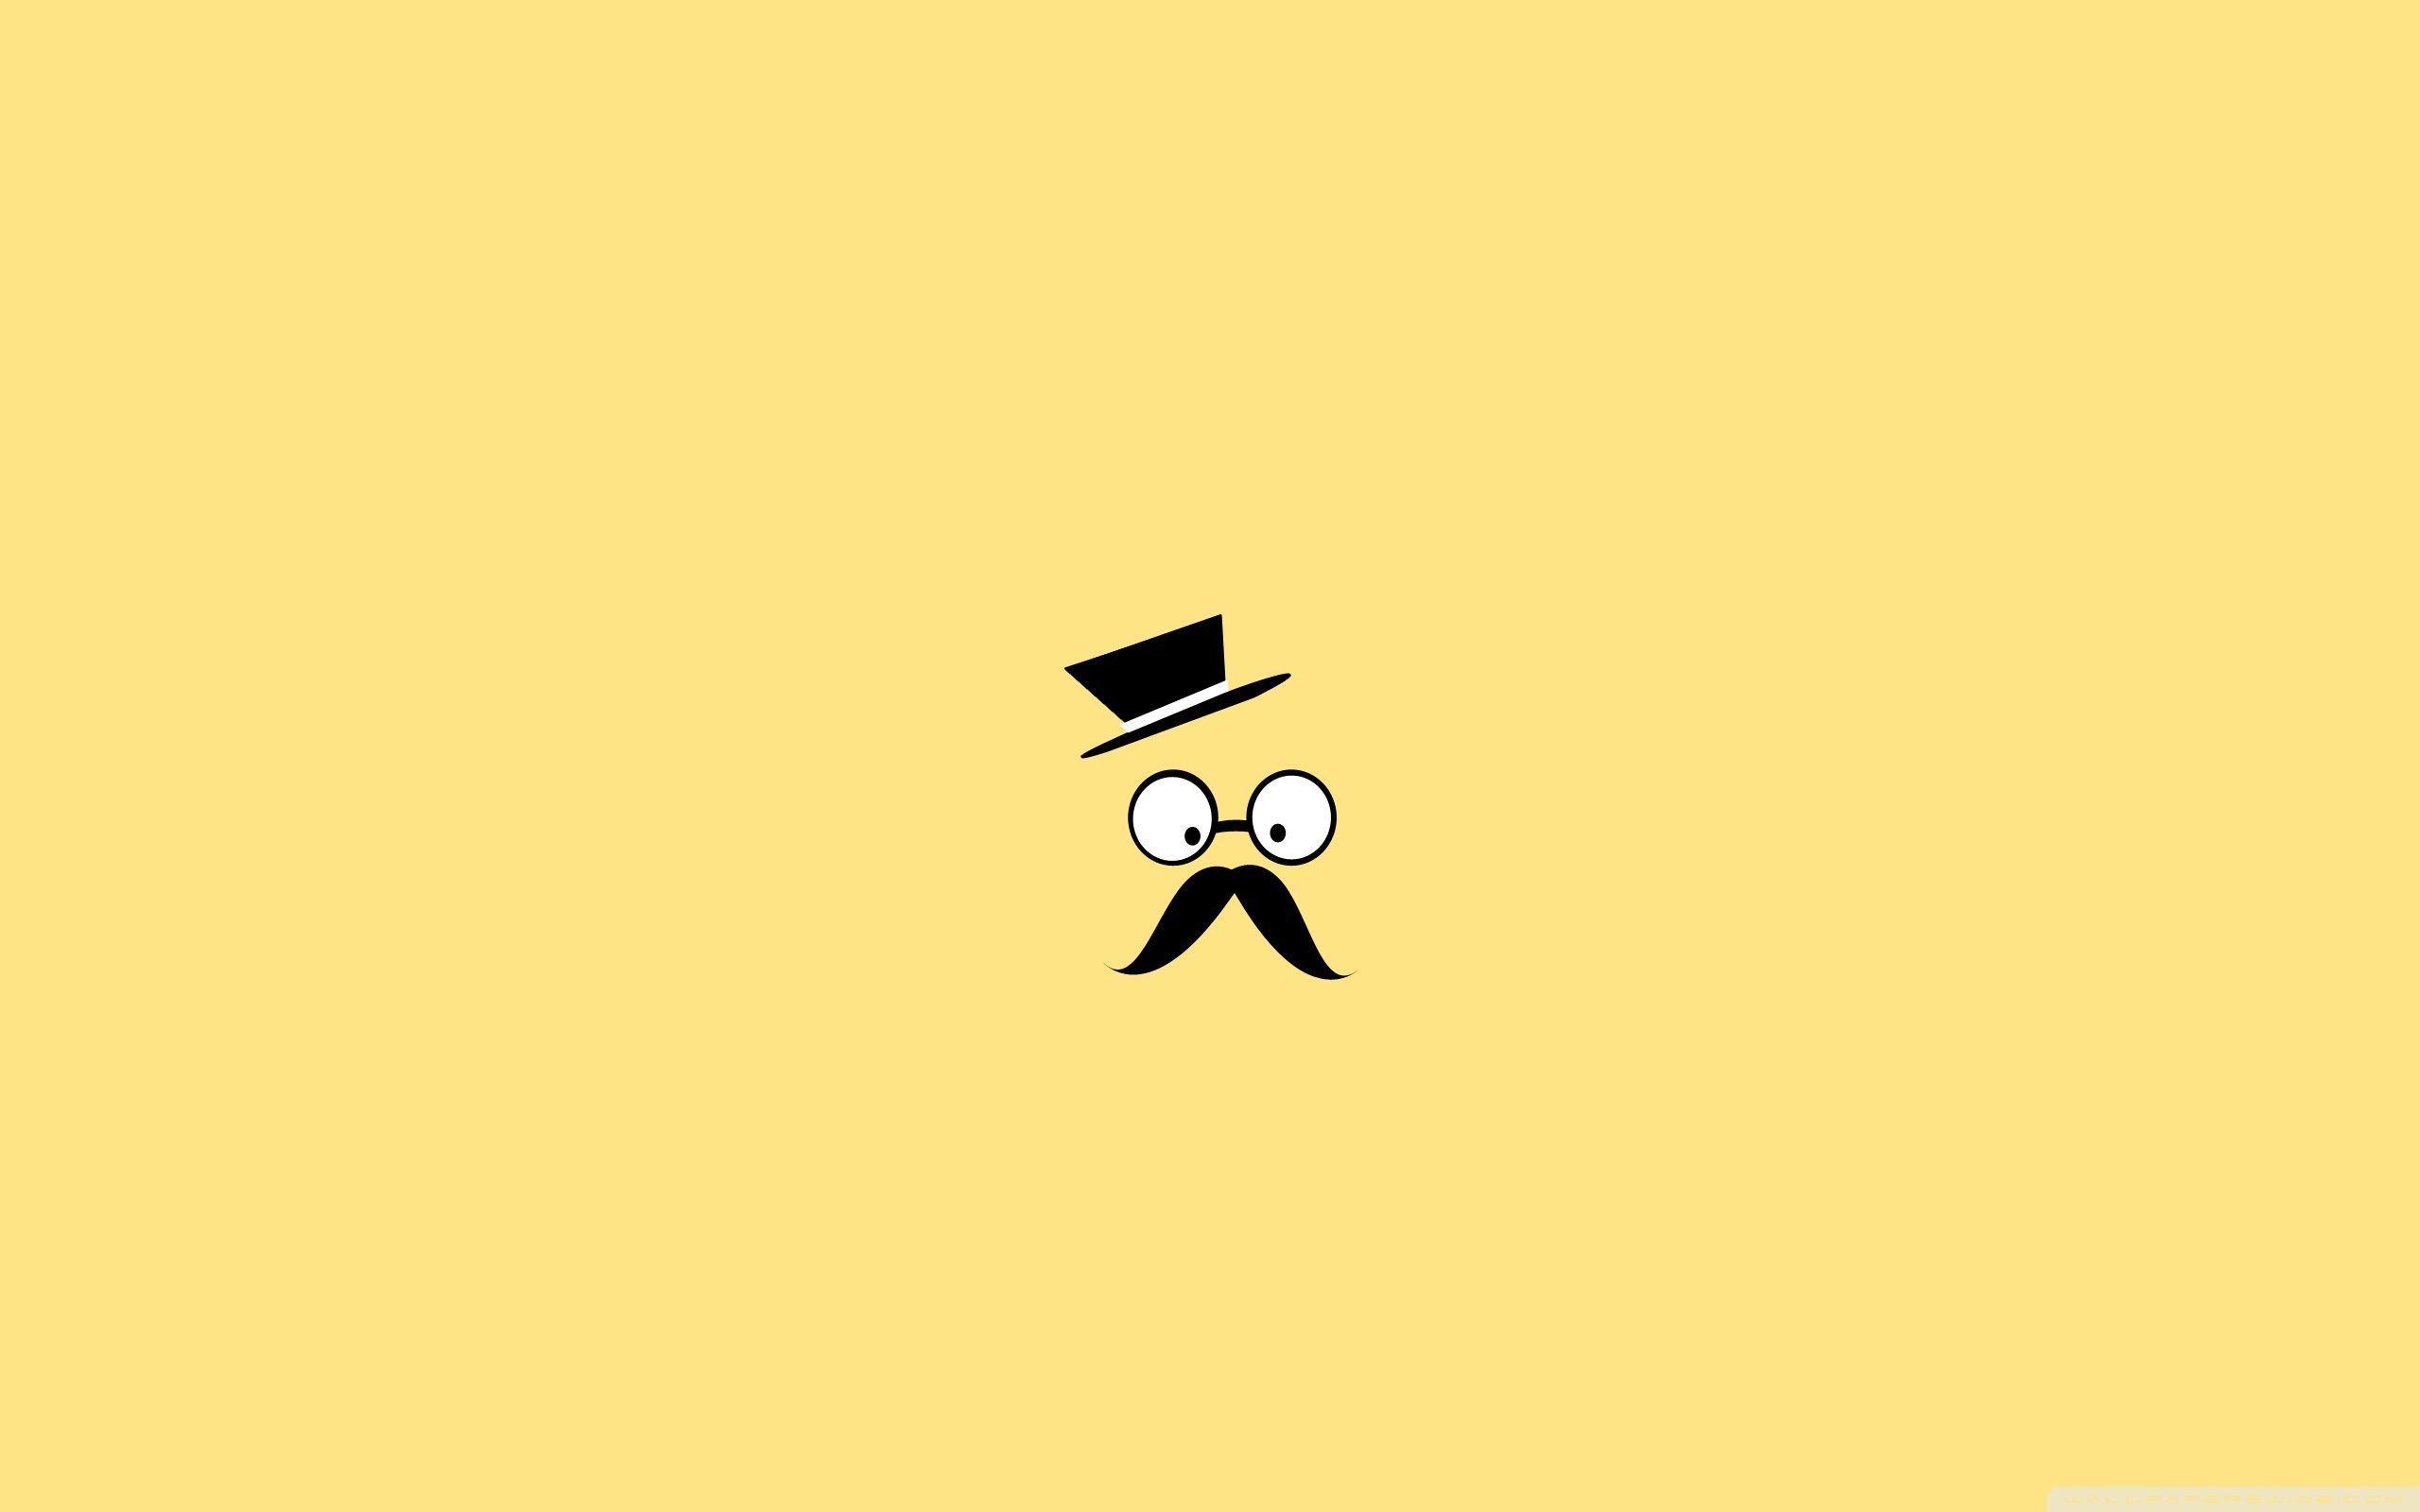 Cute Mustache Desktop Wallpapers Top Free Cute Mustache Desktop Backgrounds Wallpaperaccess